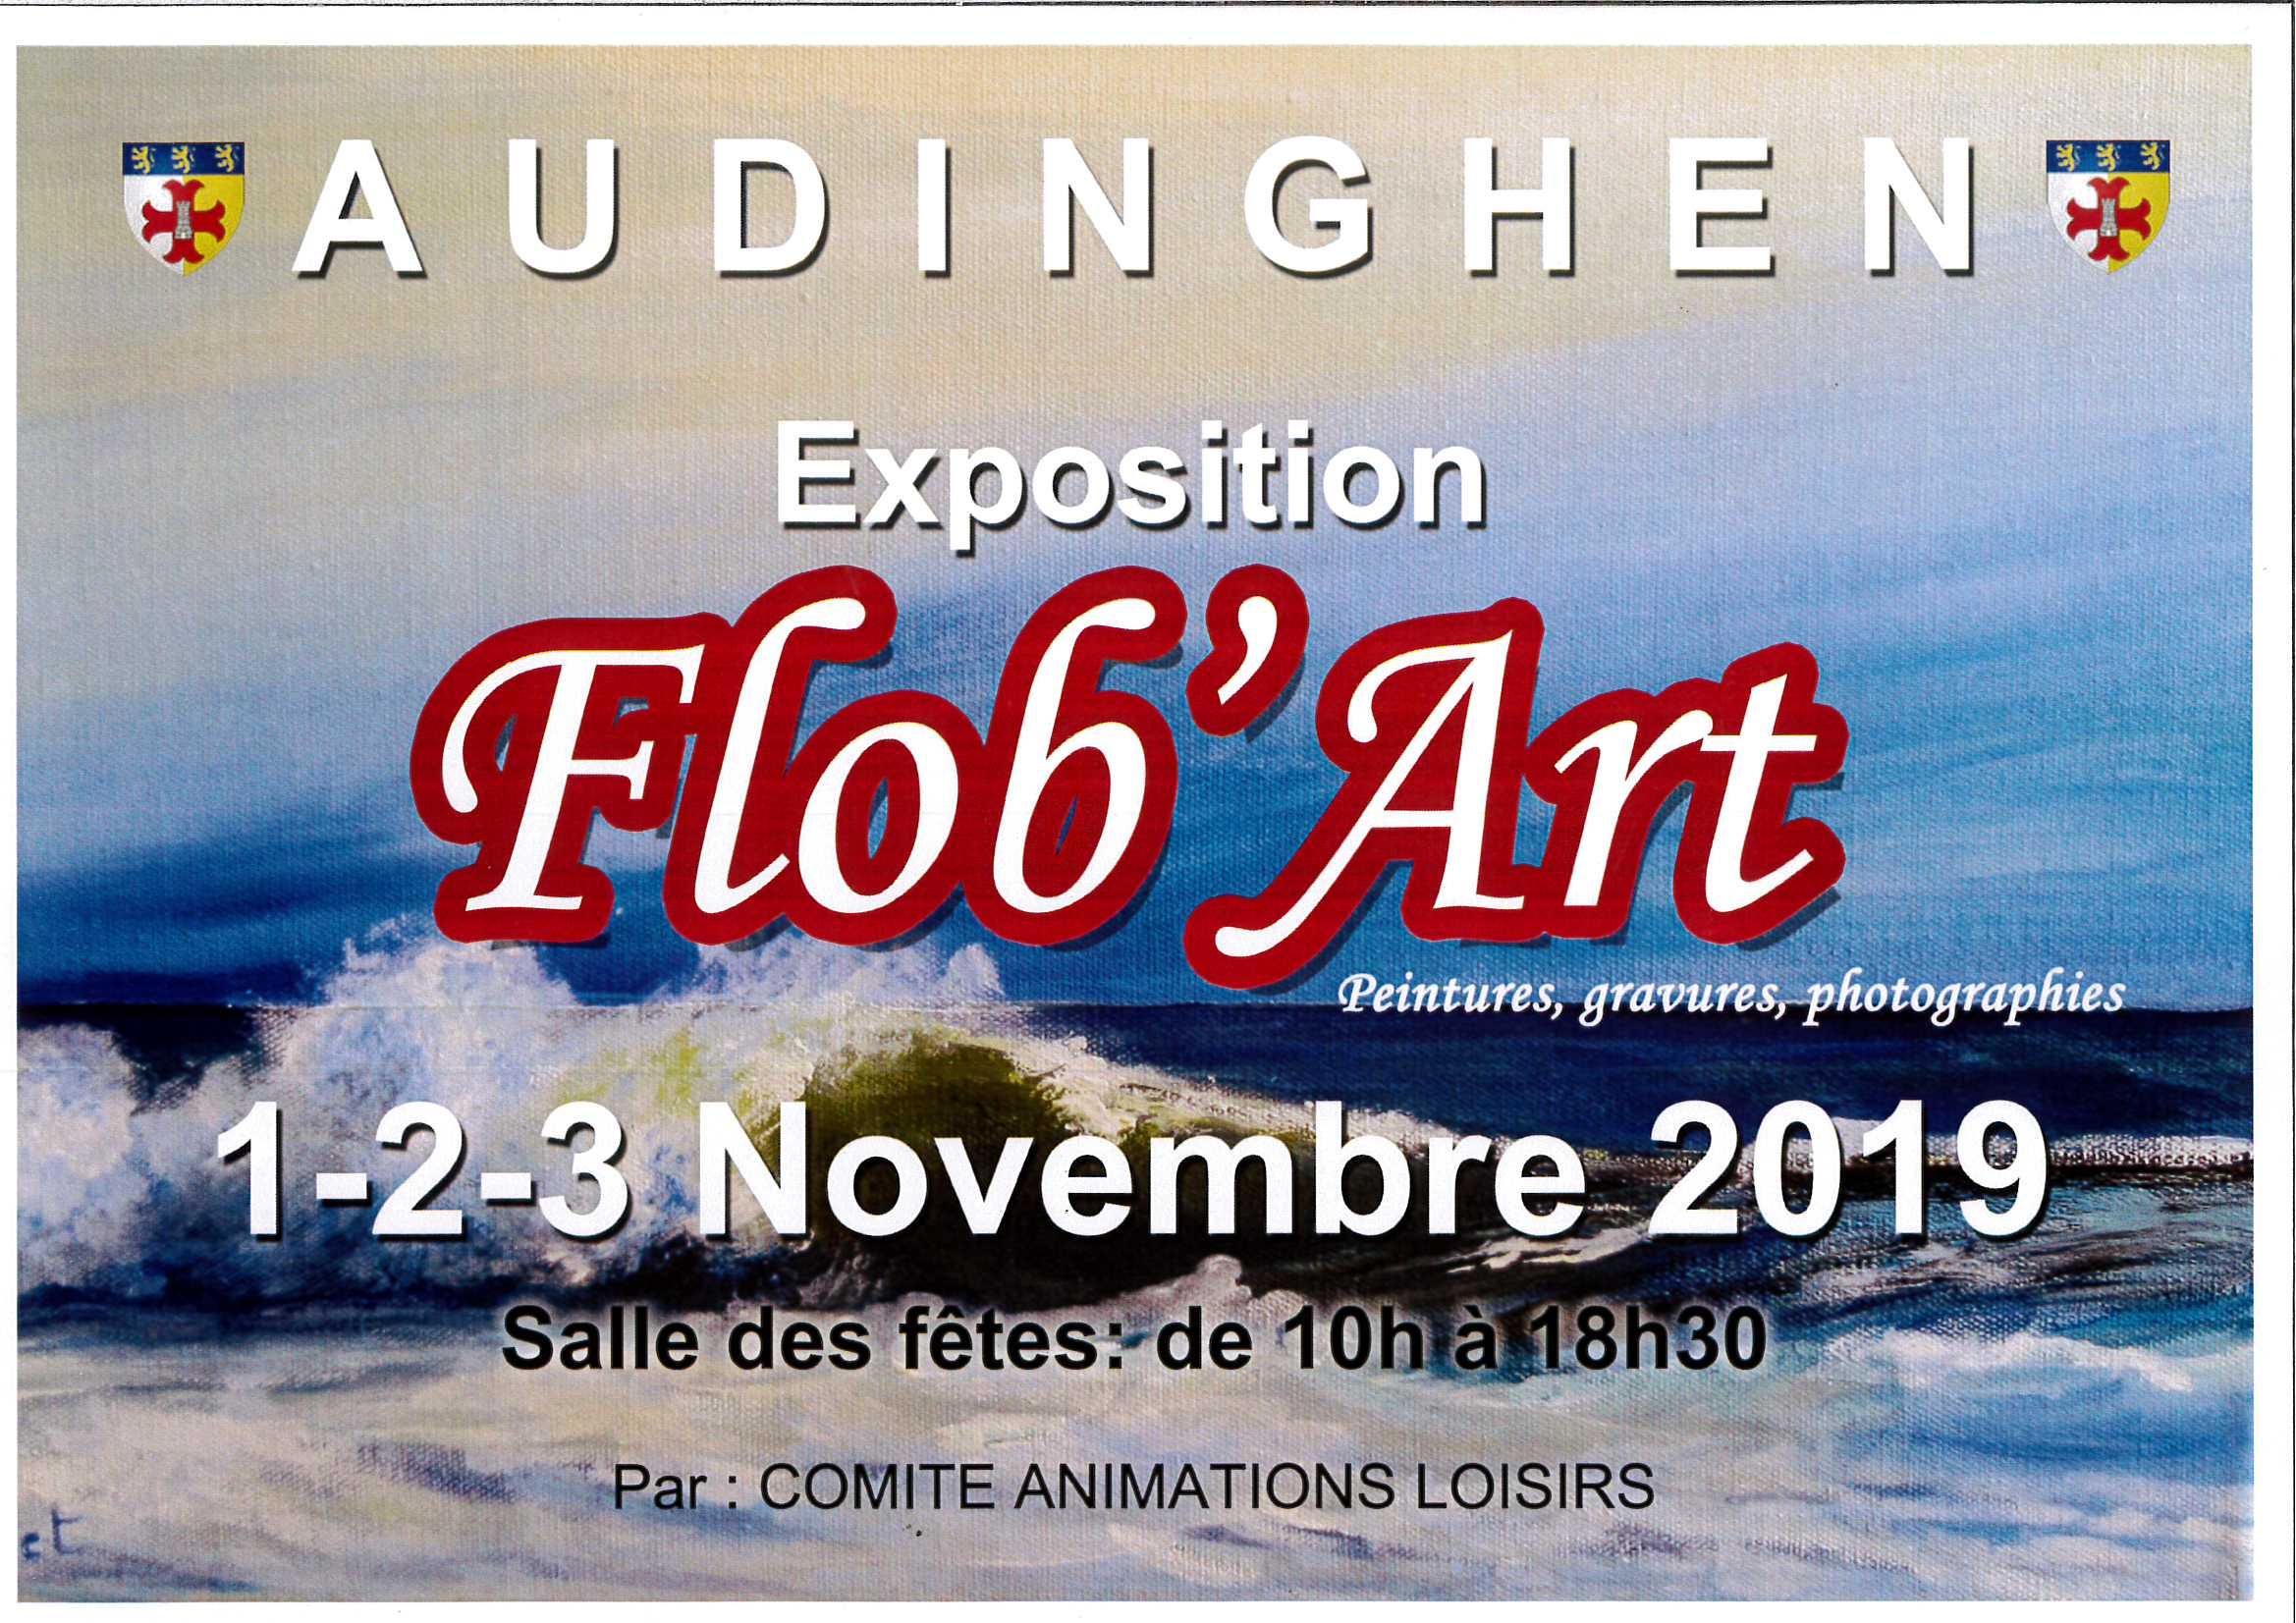 EXPOSITION Flob'Art @ salle des fêtes AUDINGHEN